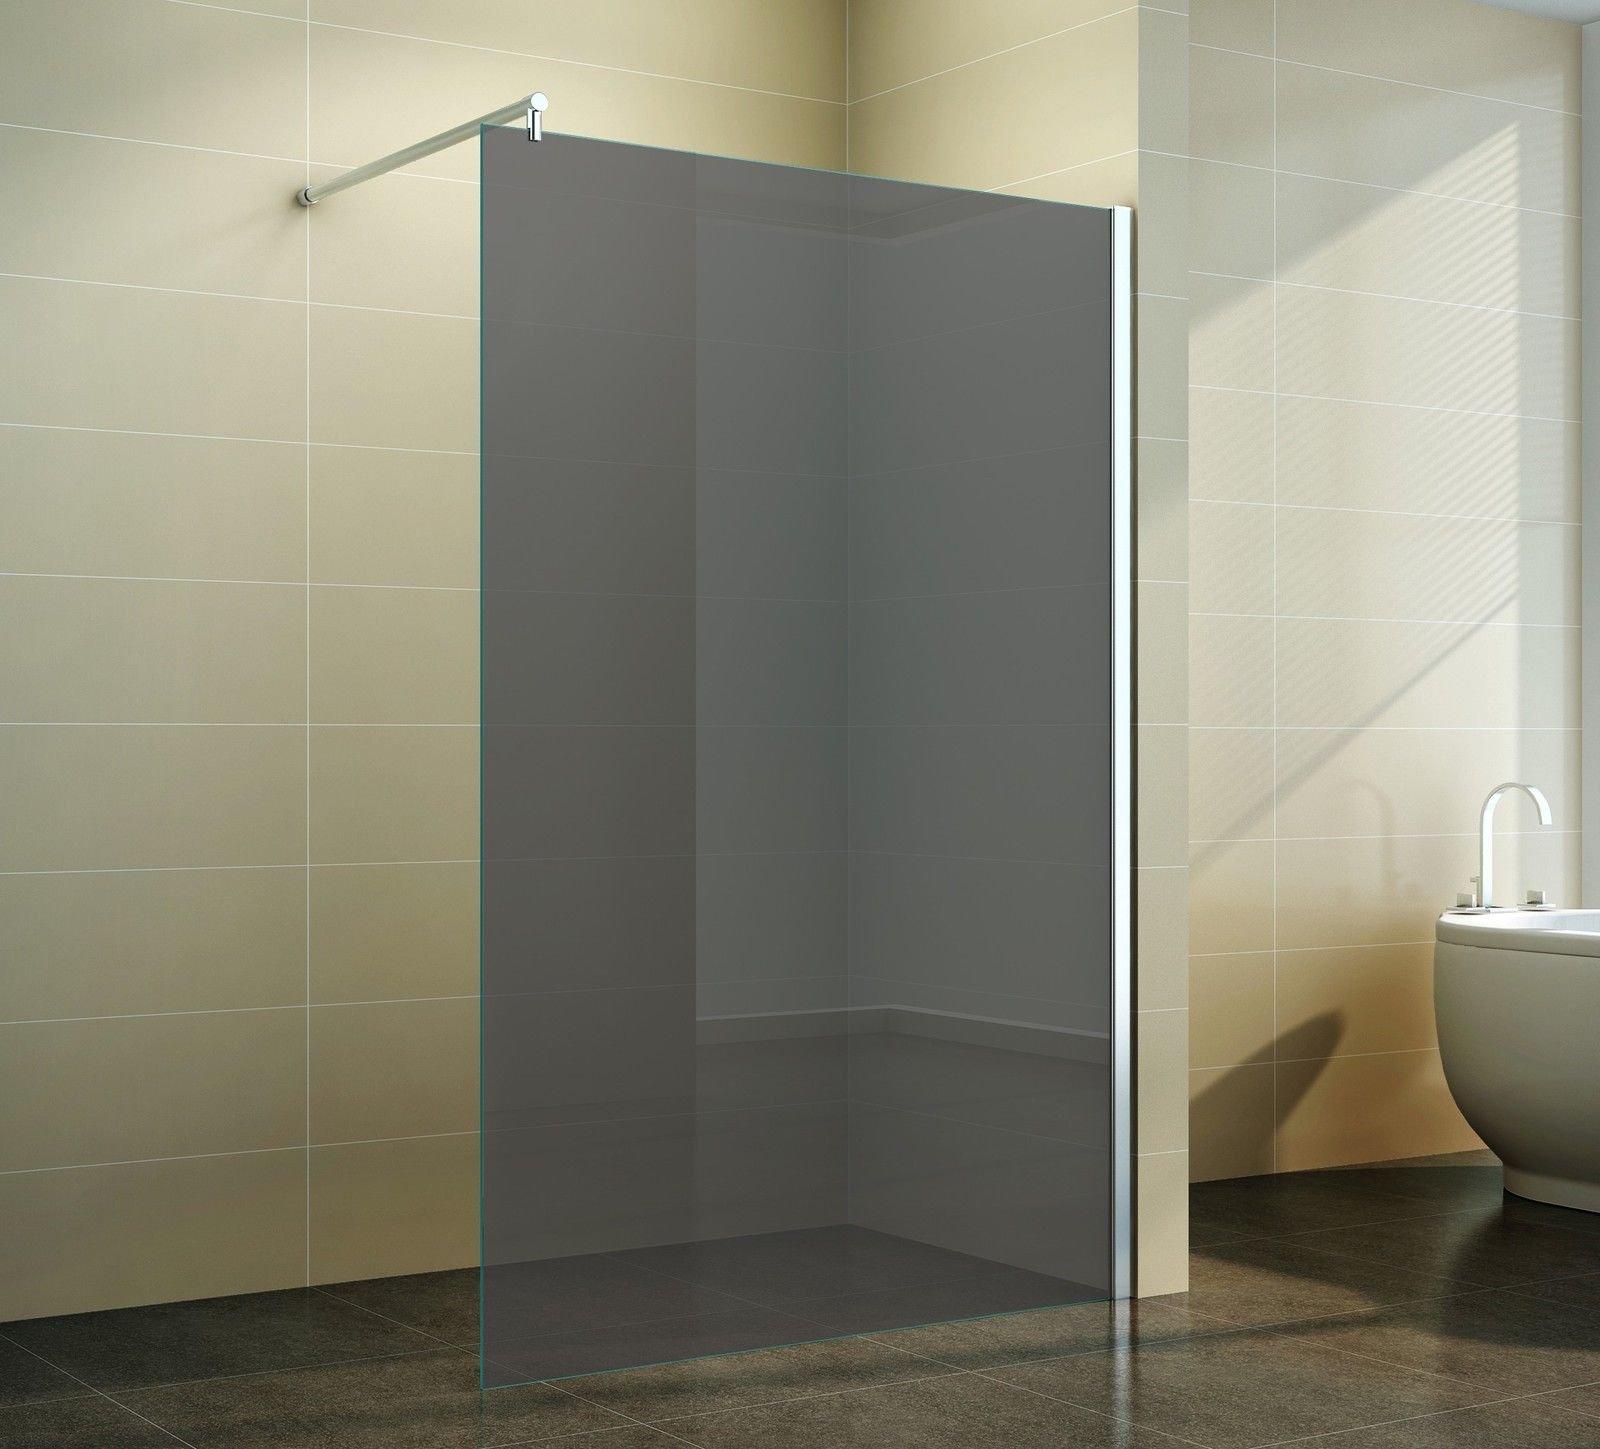 Mampara Walk en gris cristal – Elegante ducha pared pie de cristal ...